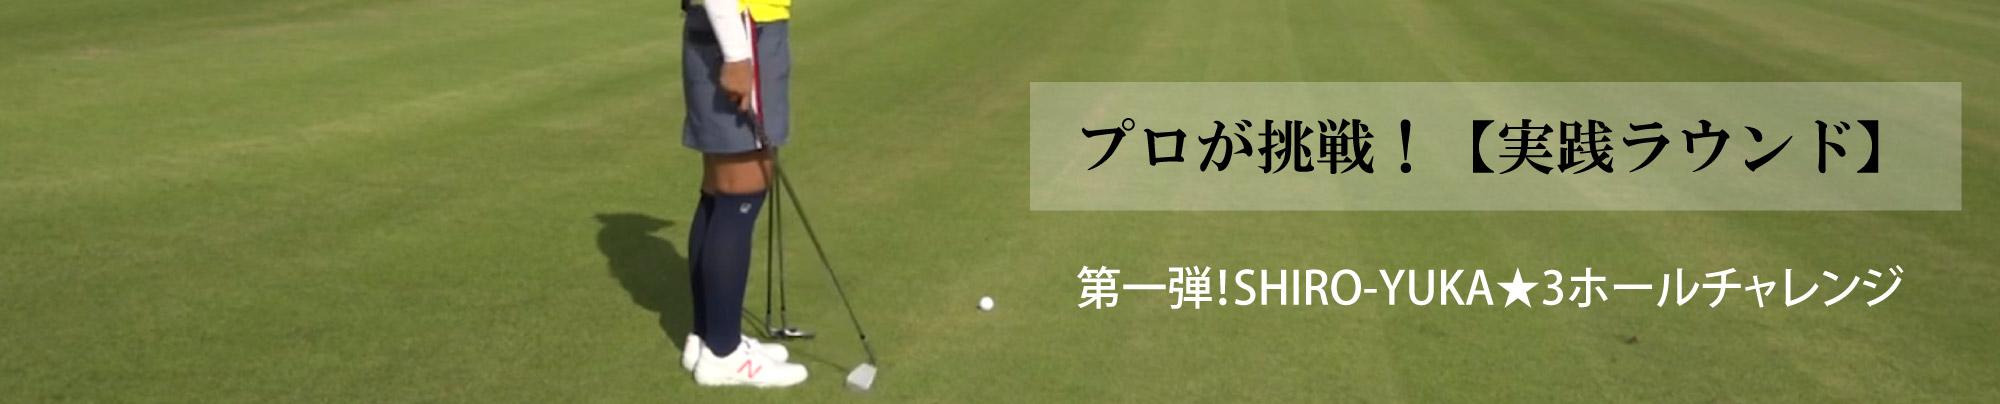 しなやかゴルフチャンネルコーナー画像